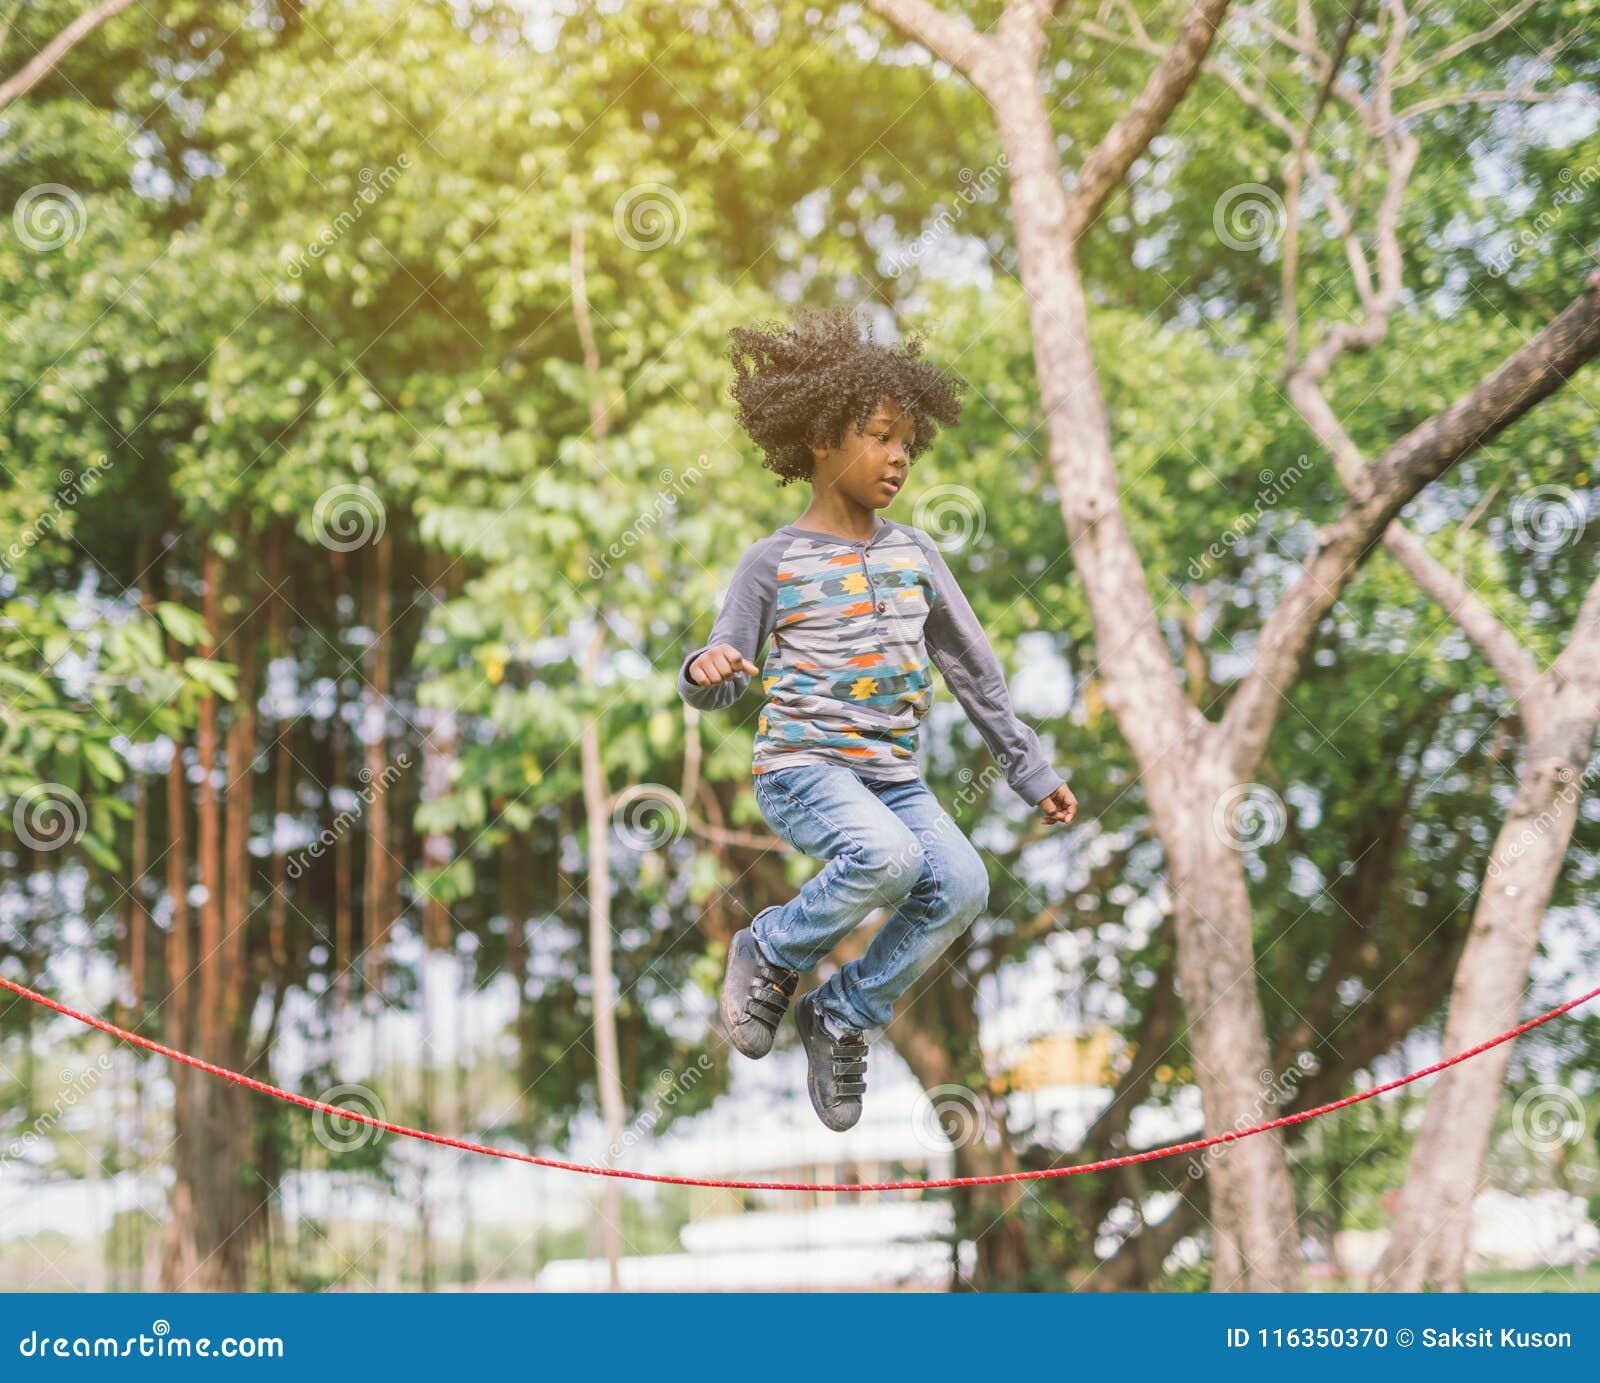 Il ragazzo che salta sopra la corda nel parco il giorno di estate soleggiato